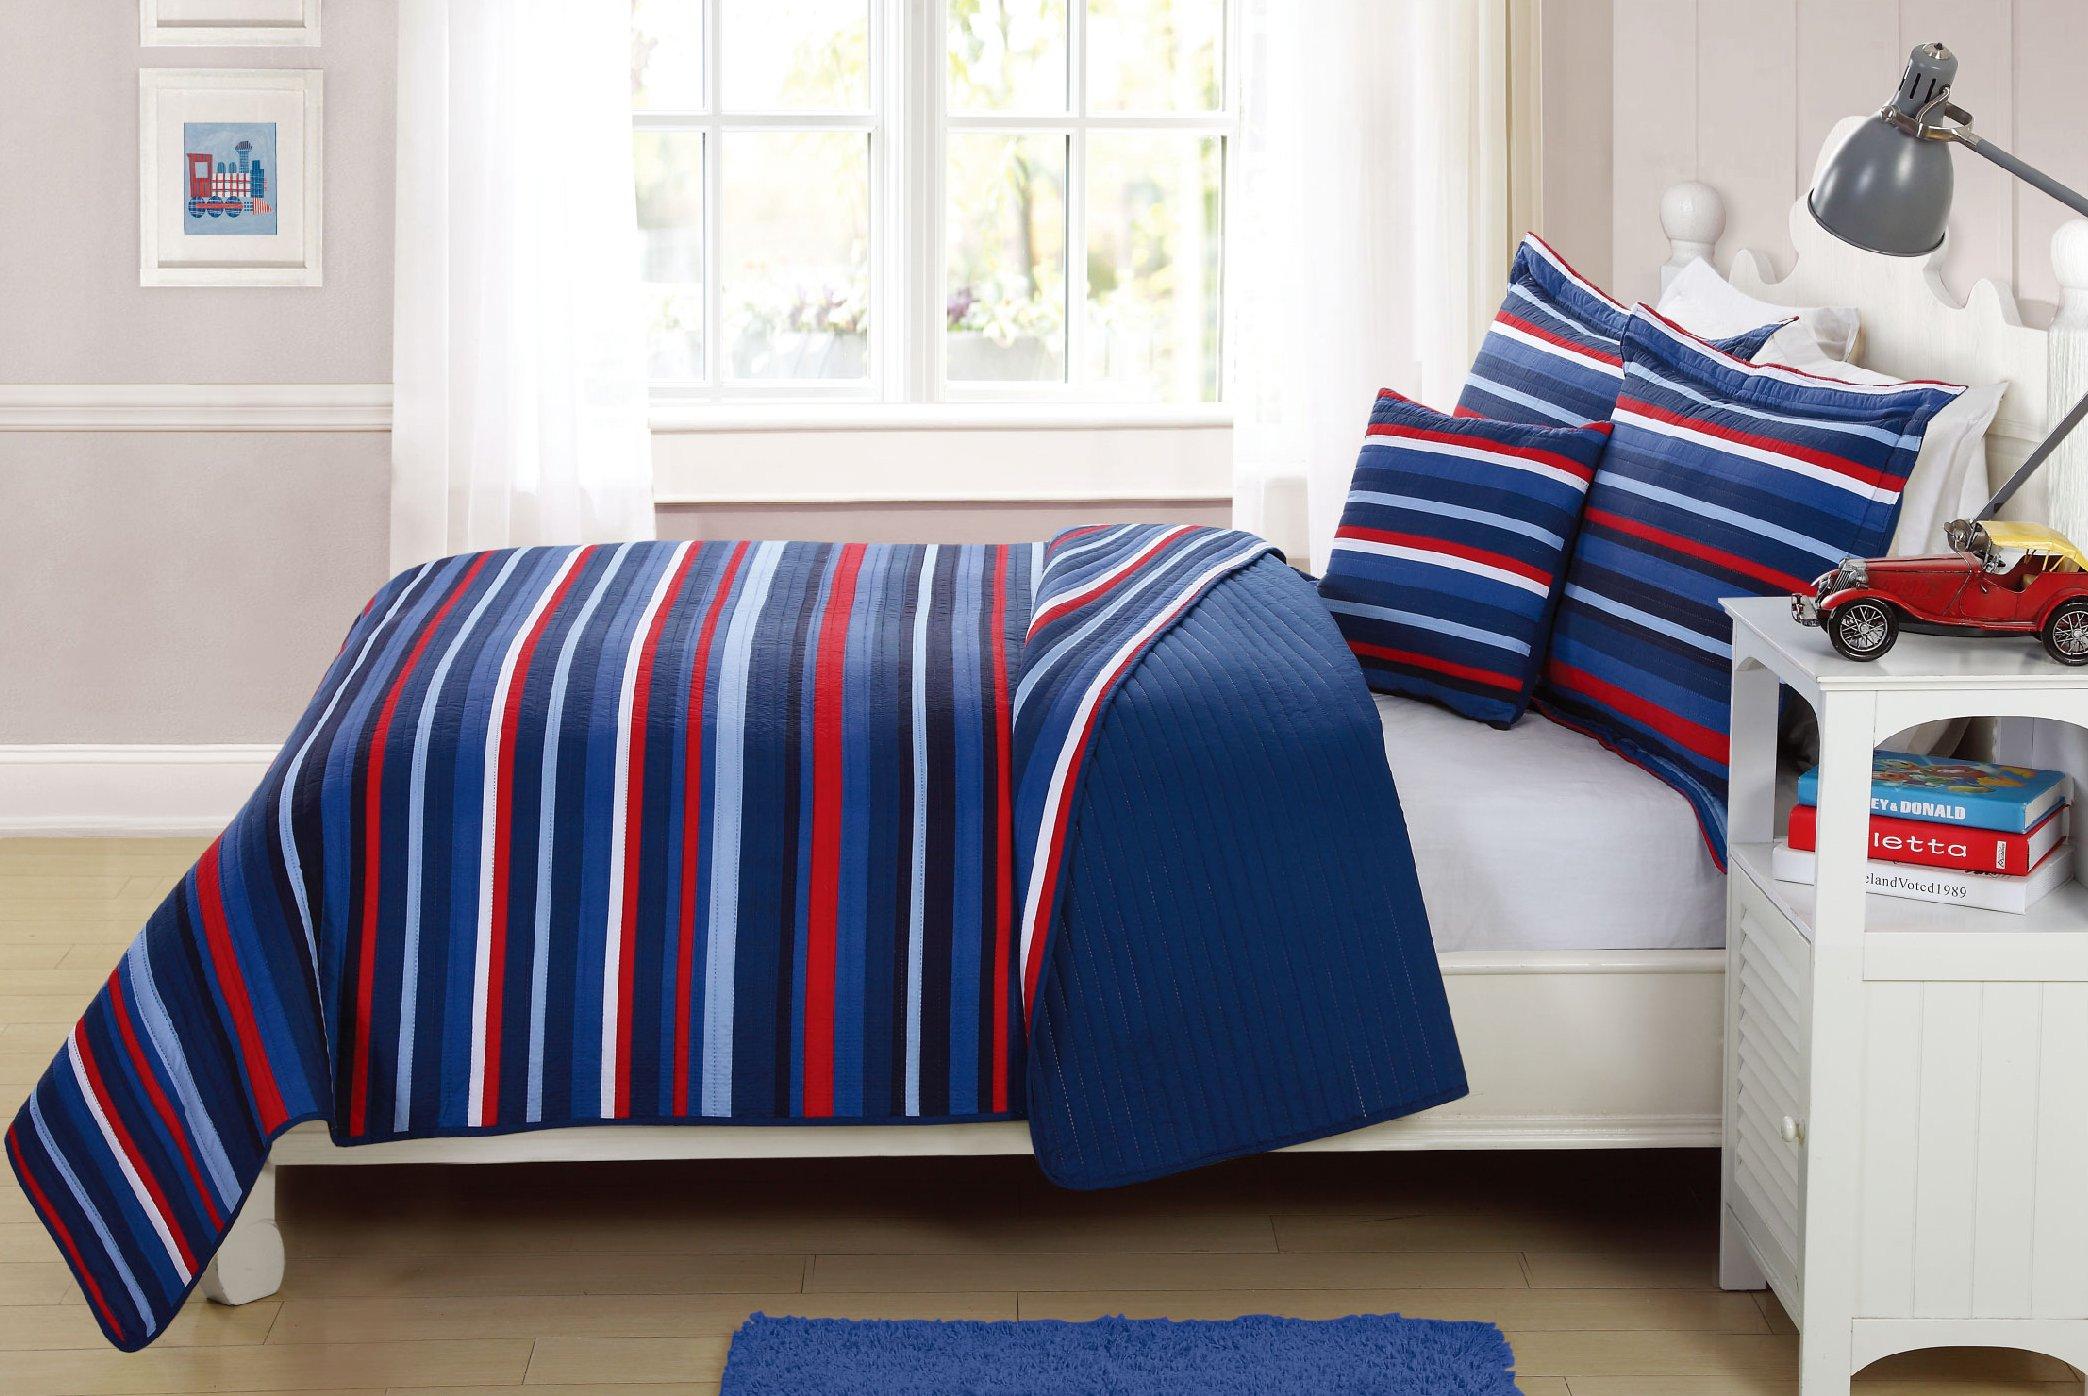 Fancy Linen Bedspread Coverlet 3 PC Twin Size Stripe Navy Blue Light blue Red White Reversible New #Ocean Breeze